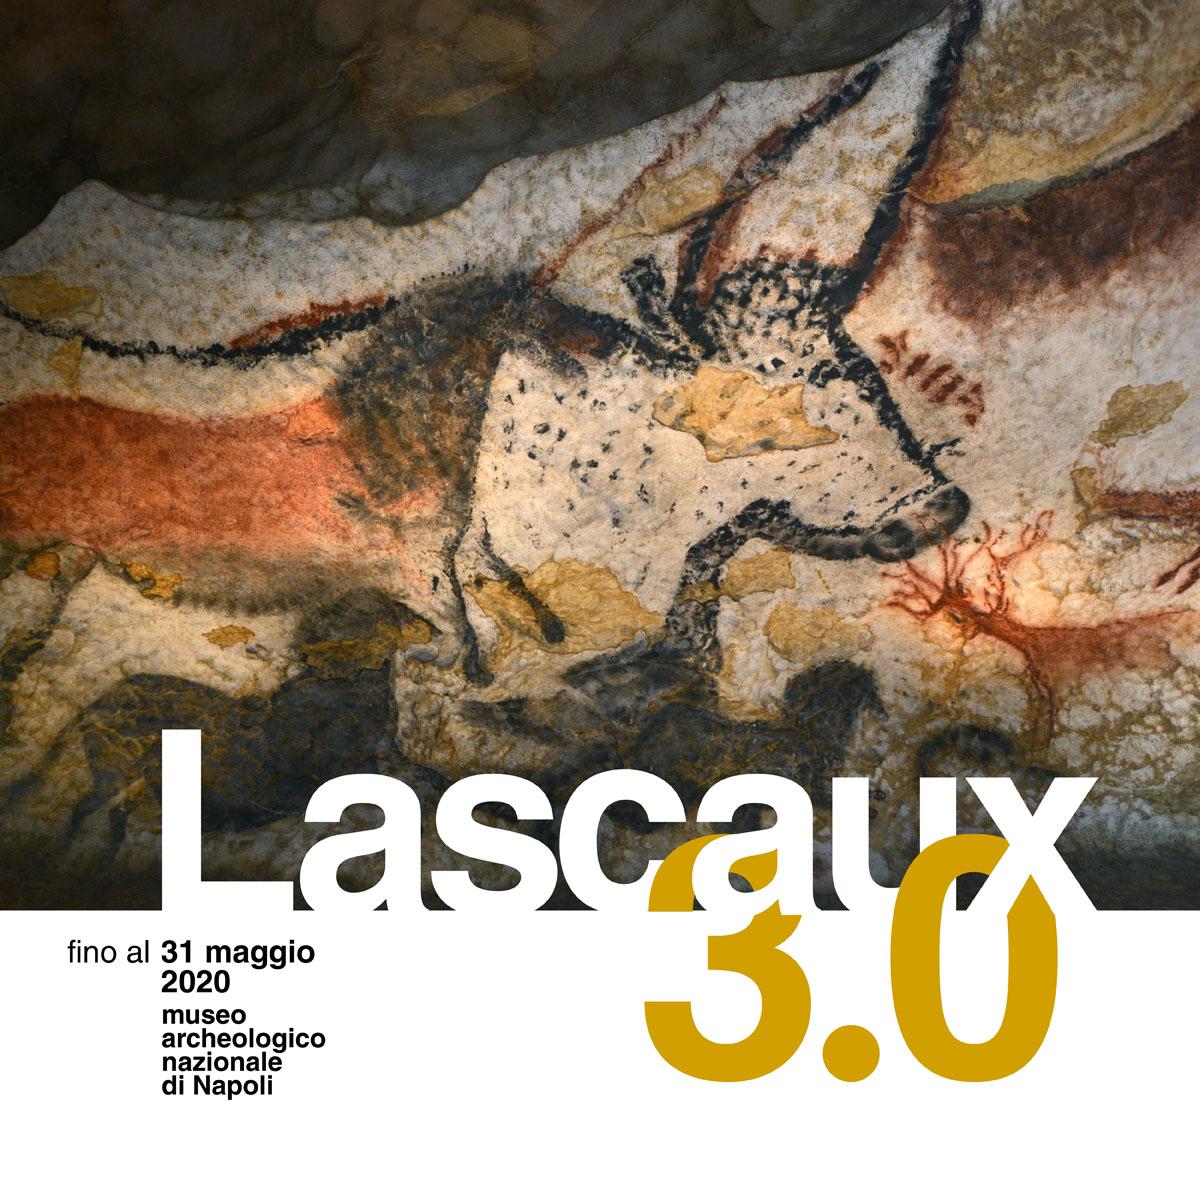 Lascaux 3.0